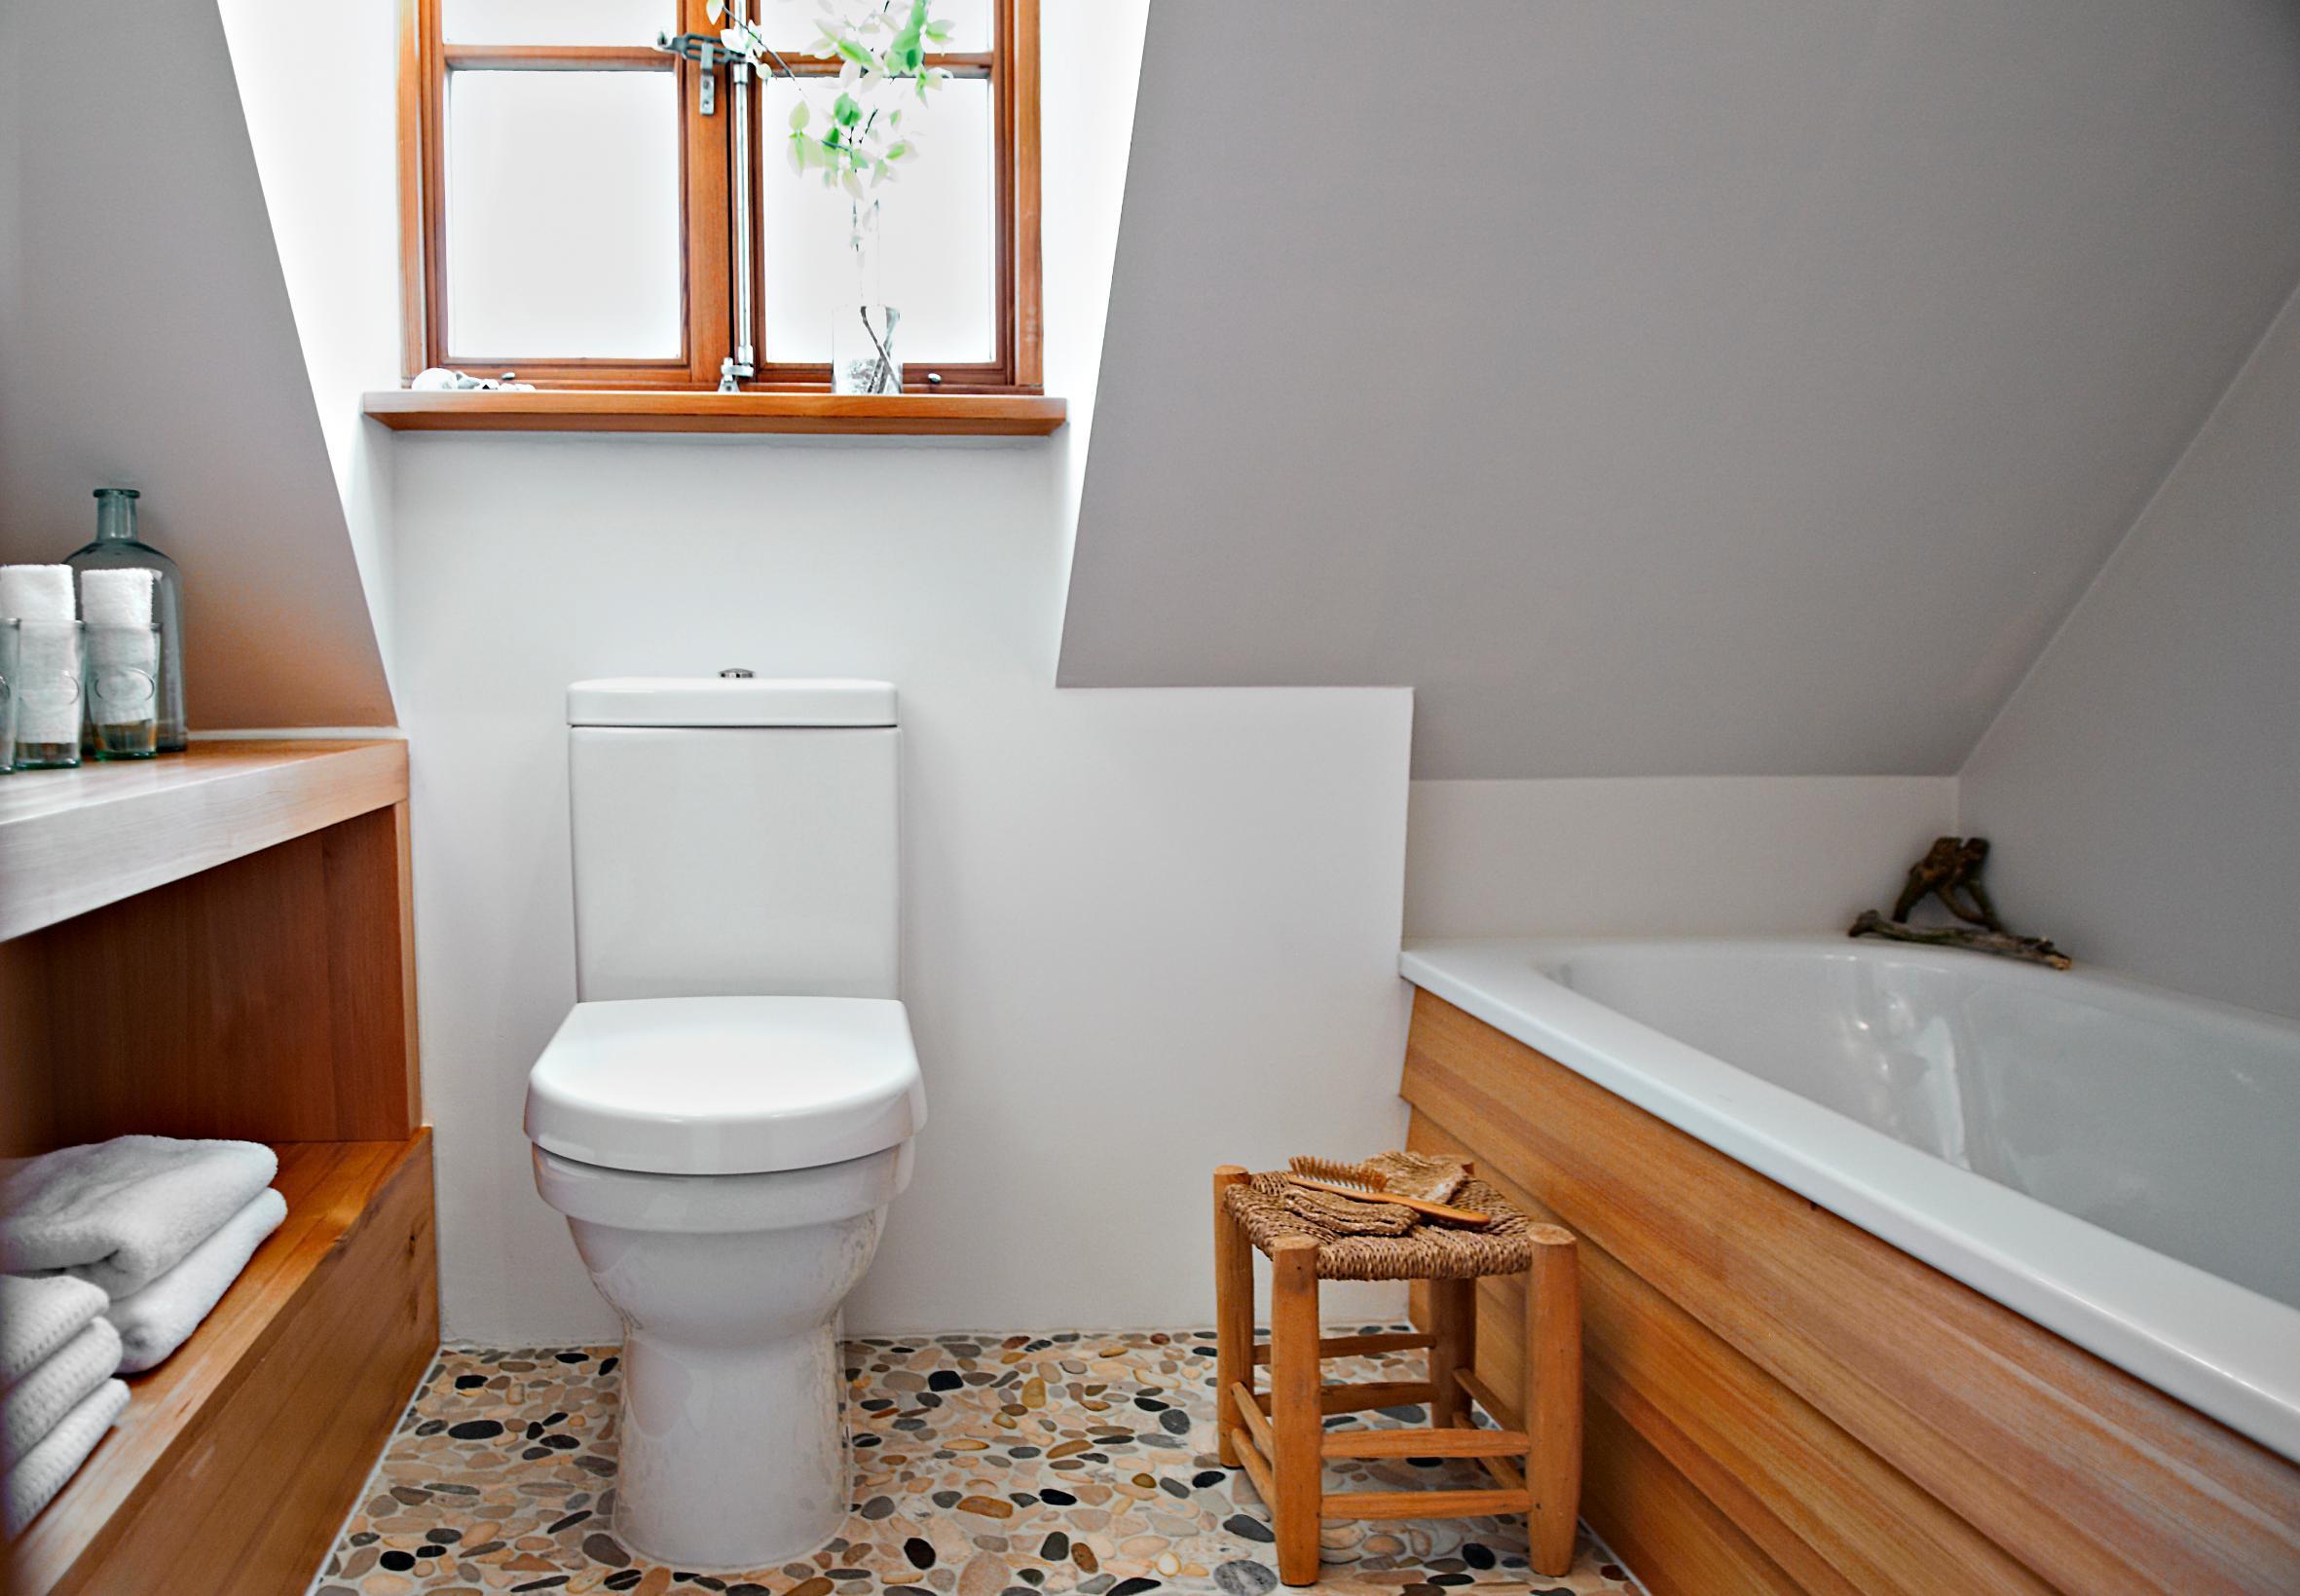 Full Size of Franzsischer Landhausstil Bilder Ideen Couch Sofa Boxspring Bett Wohnzimmer Esstisch Betten Schlafzimmer Weiß Regal Küche Bad Wohnzimmer Französischer Landhausstil